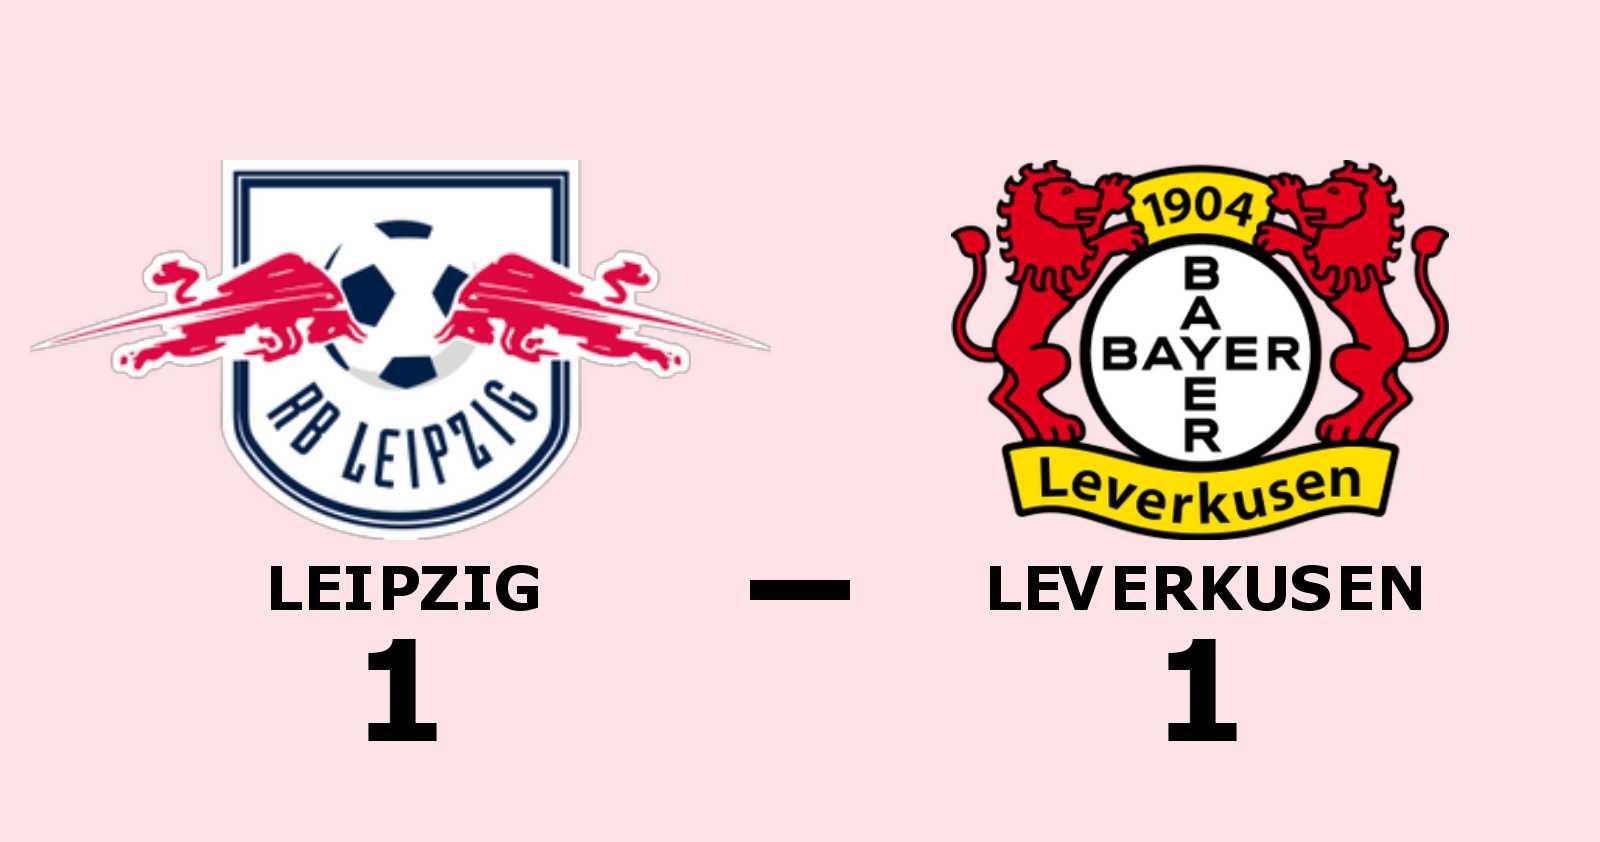 Stark insats när Leverkusen tog poäng borta mot Leipzig